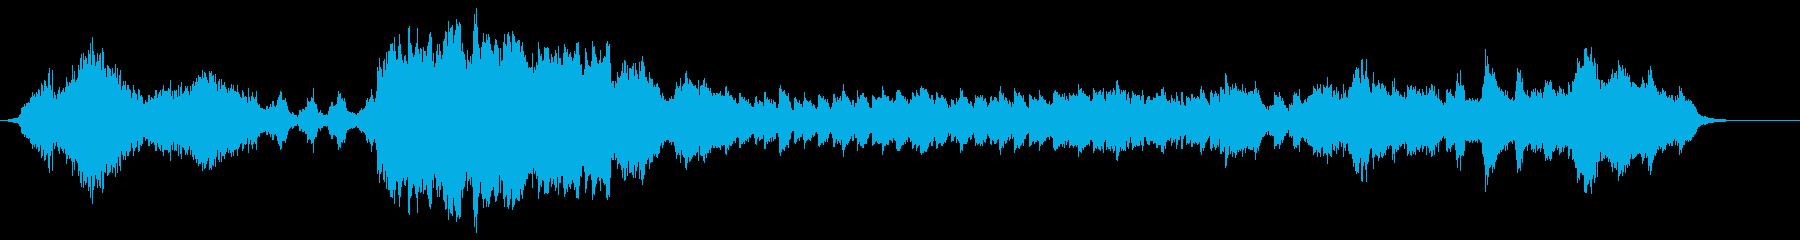 BUTTERFLY ISLANDの再生済みの波形